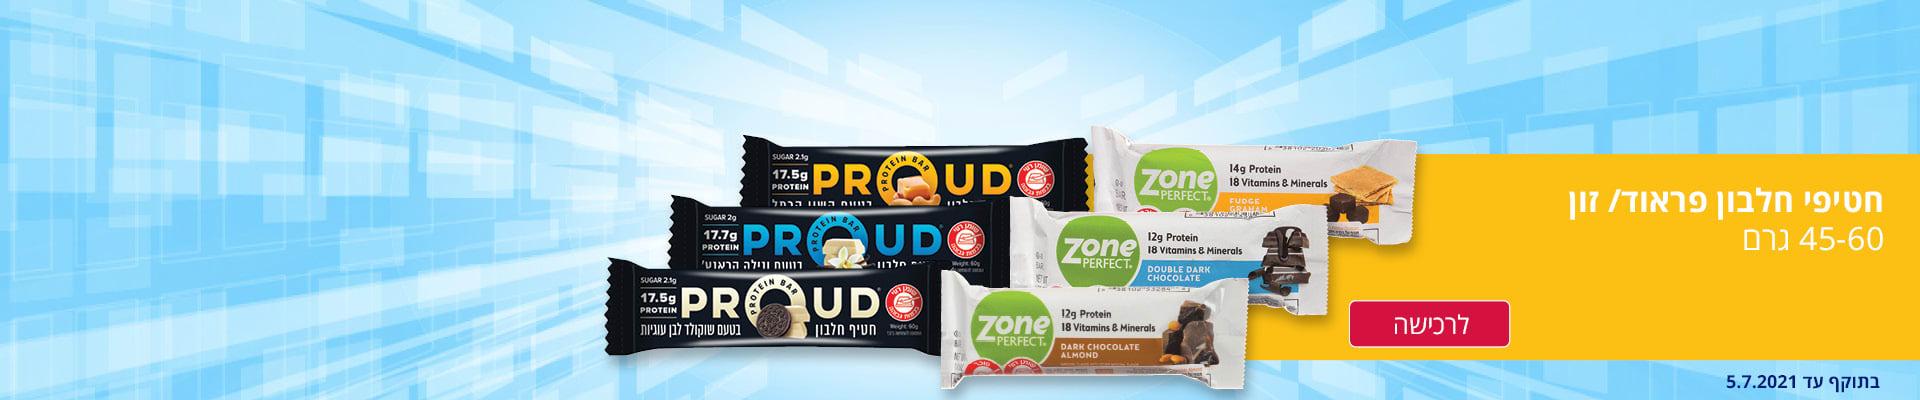 חטיפי חלבון פראוד/זון 45-60 גרם לרכישה בתוקף עד 5.7.2021